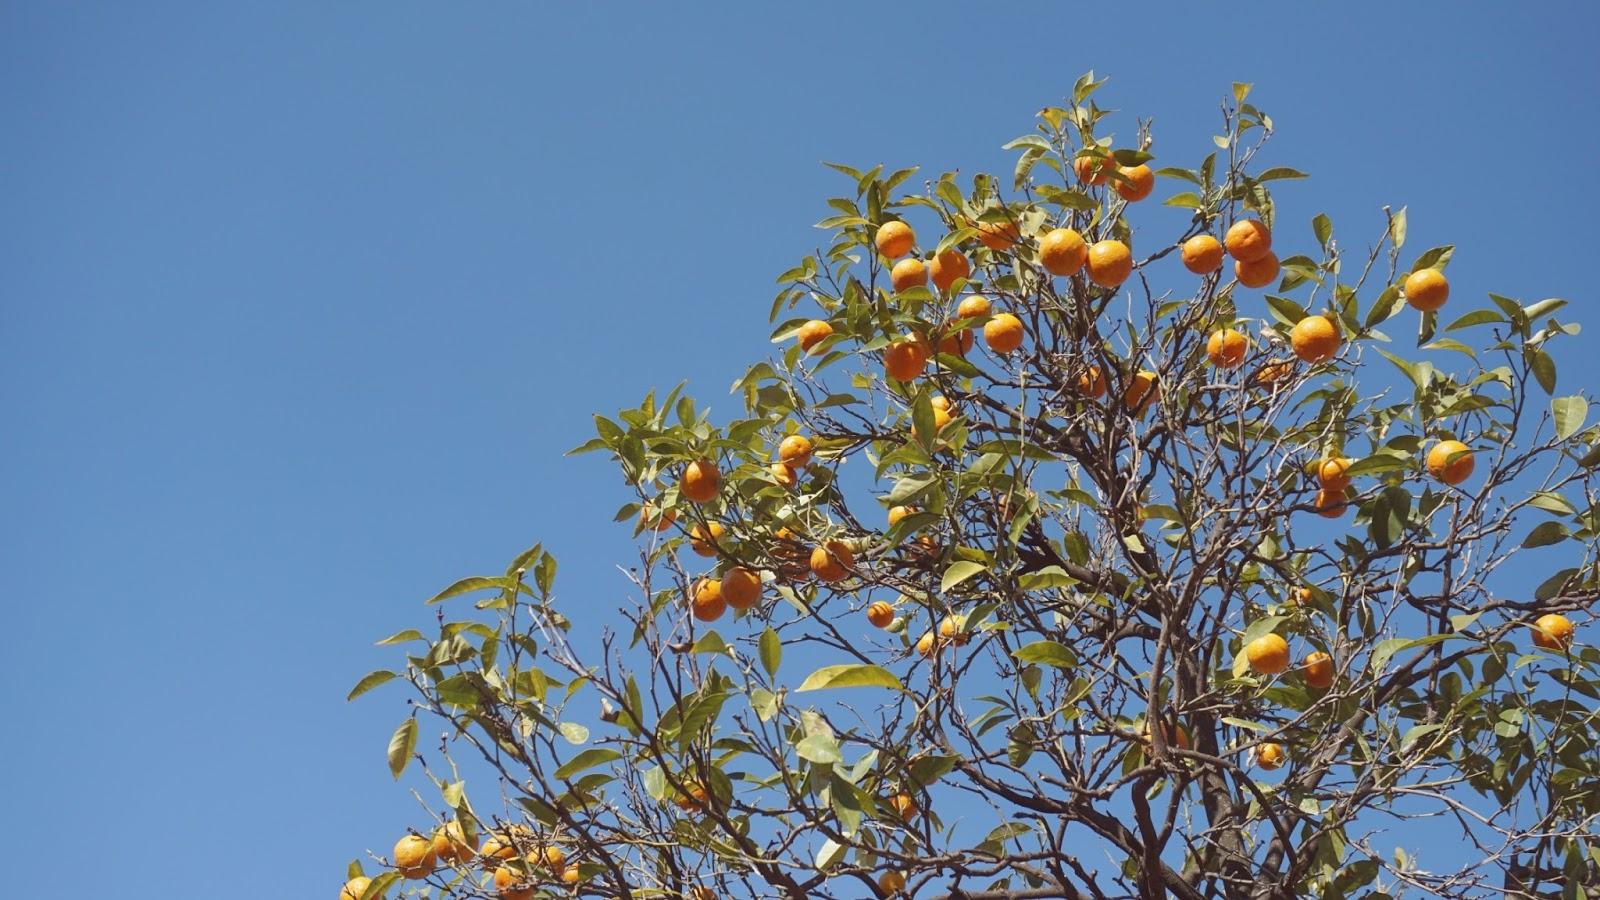 rzymskie pomarańcze, Rzym, podróż poślubna w Rzymie, gdzie na podróż poślubną